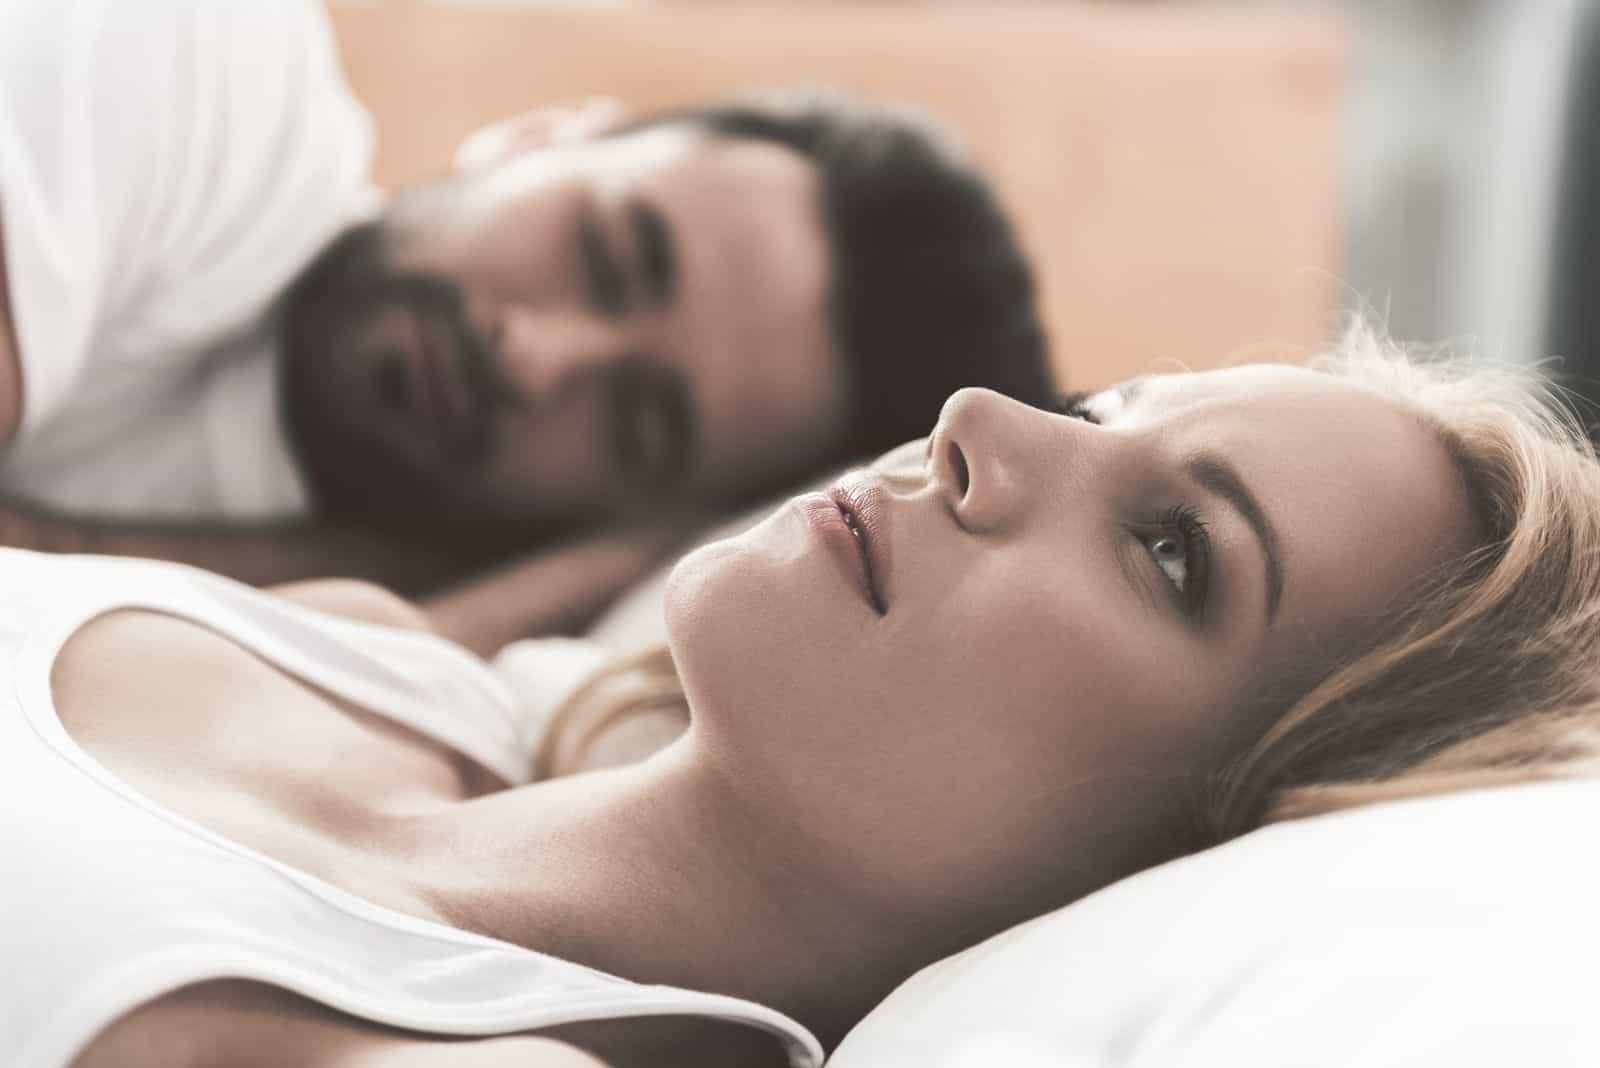 junge Frau macht sich Sorgen über ihre Ehe wach neben dem schlafenden Ehemann liegen